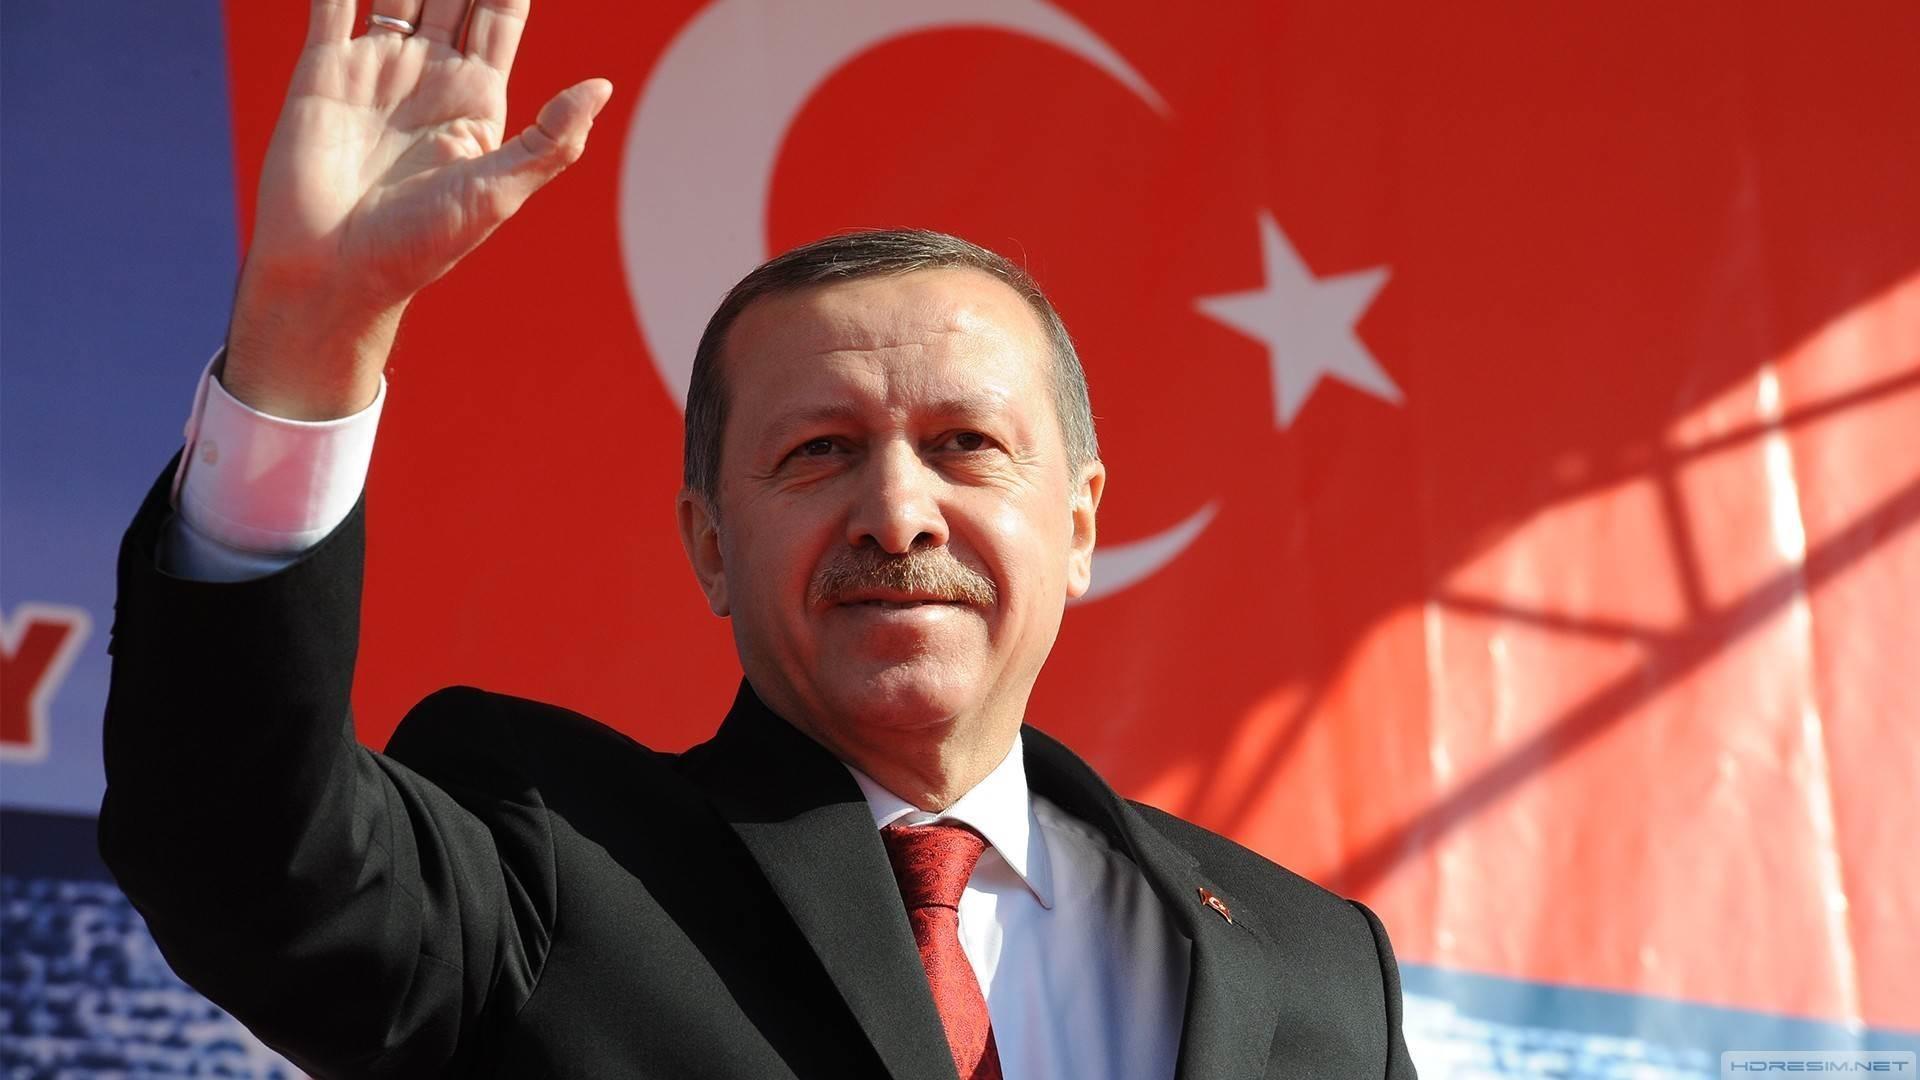 ترکیه علیرغم تهدیدات به خرید اس – ۴۰۰روسی ادامه میدهد